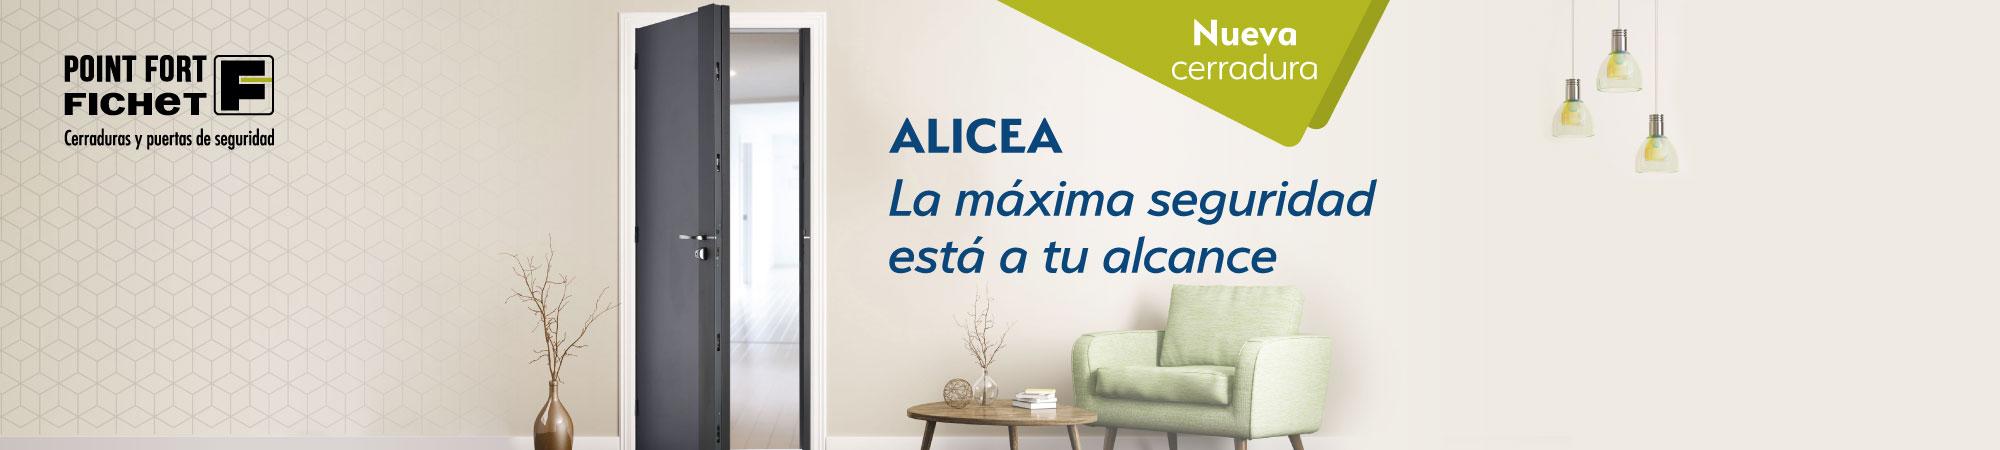 Cerraduras Fichet Alicea en Madrid Continox Fichet